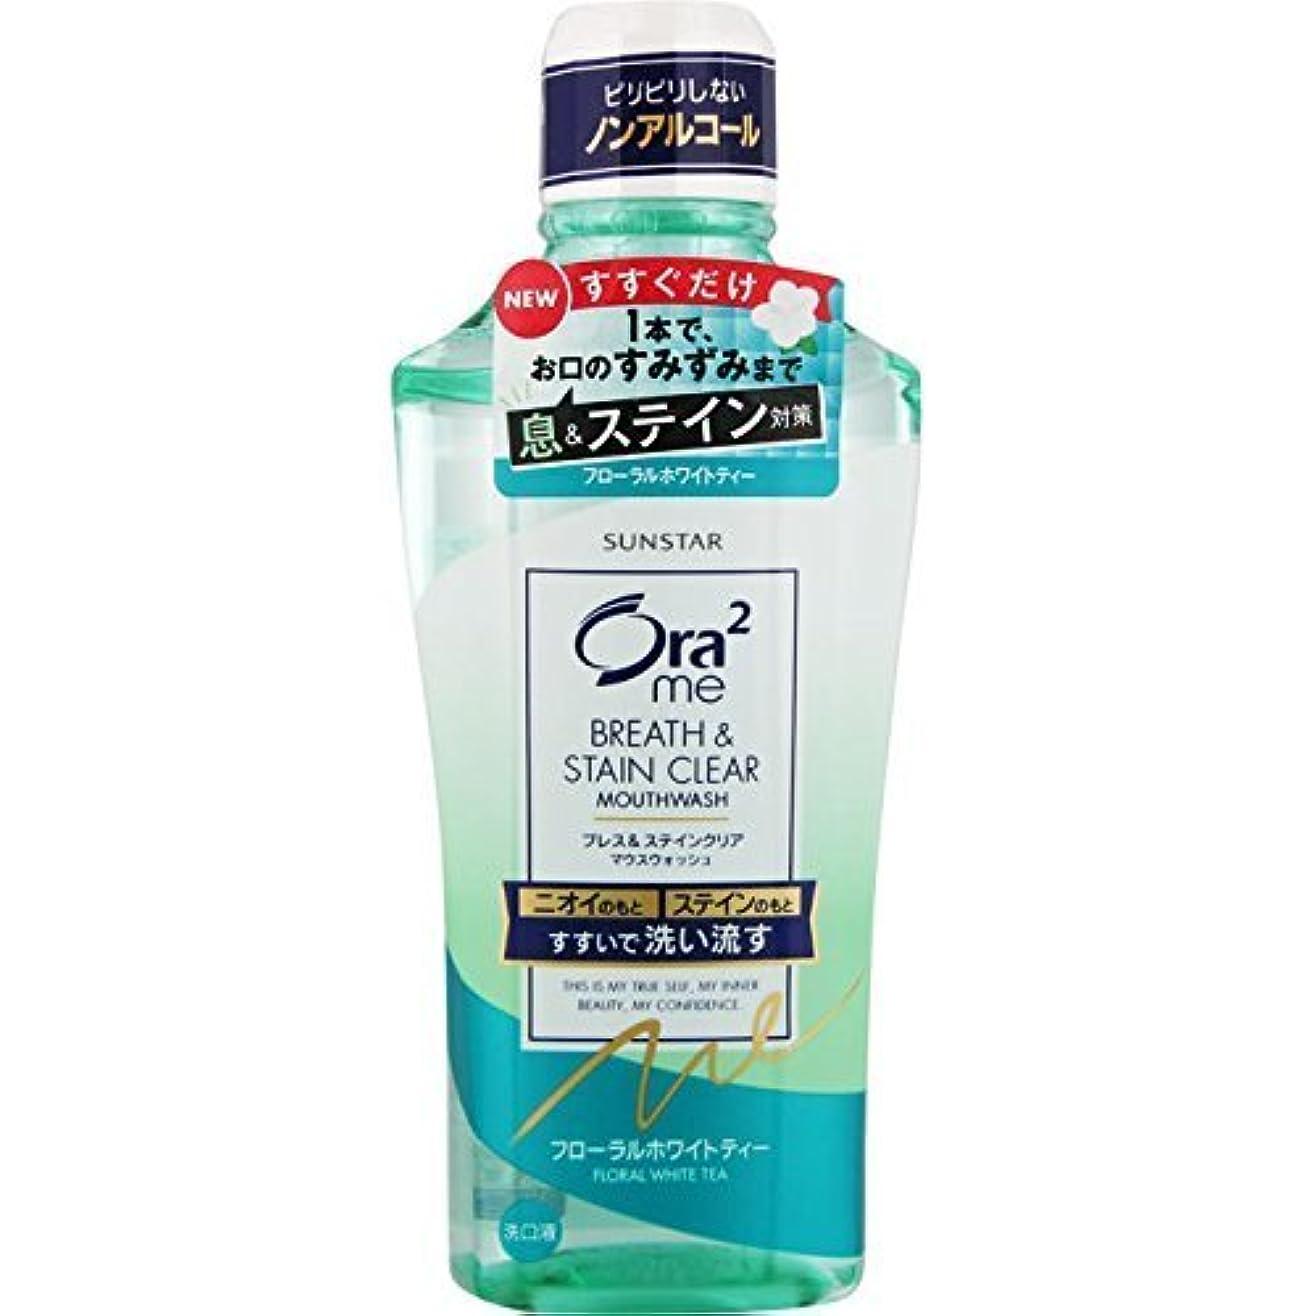 失礼な千三番Ora2(オーラツー) ミー マウスウォッシュ ステインクリア 洗口液 [フローラルホワイトティー] 460mL